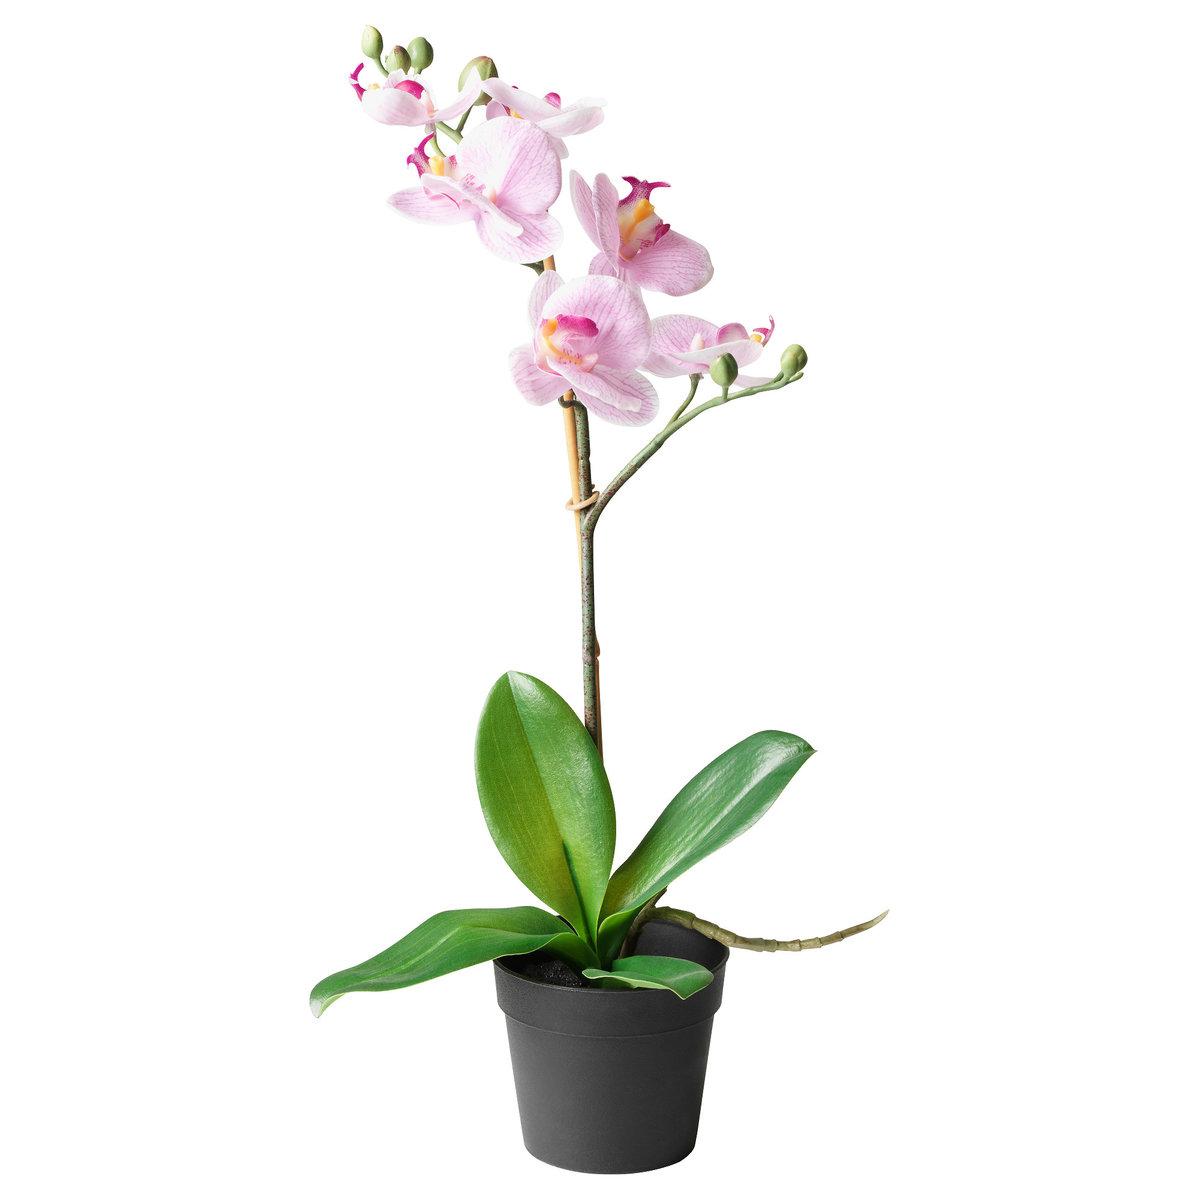 Цветов через, цветы орхидея купить цена